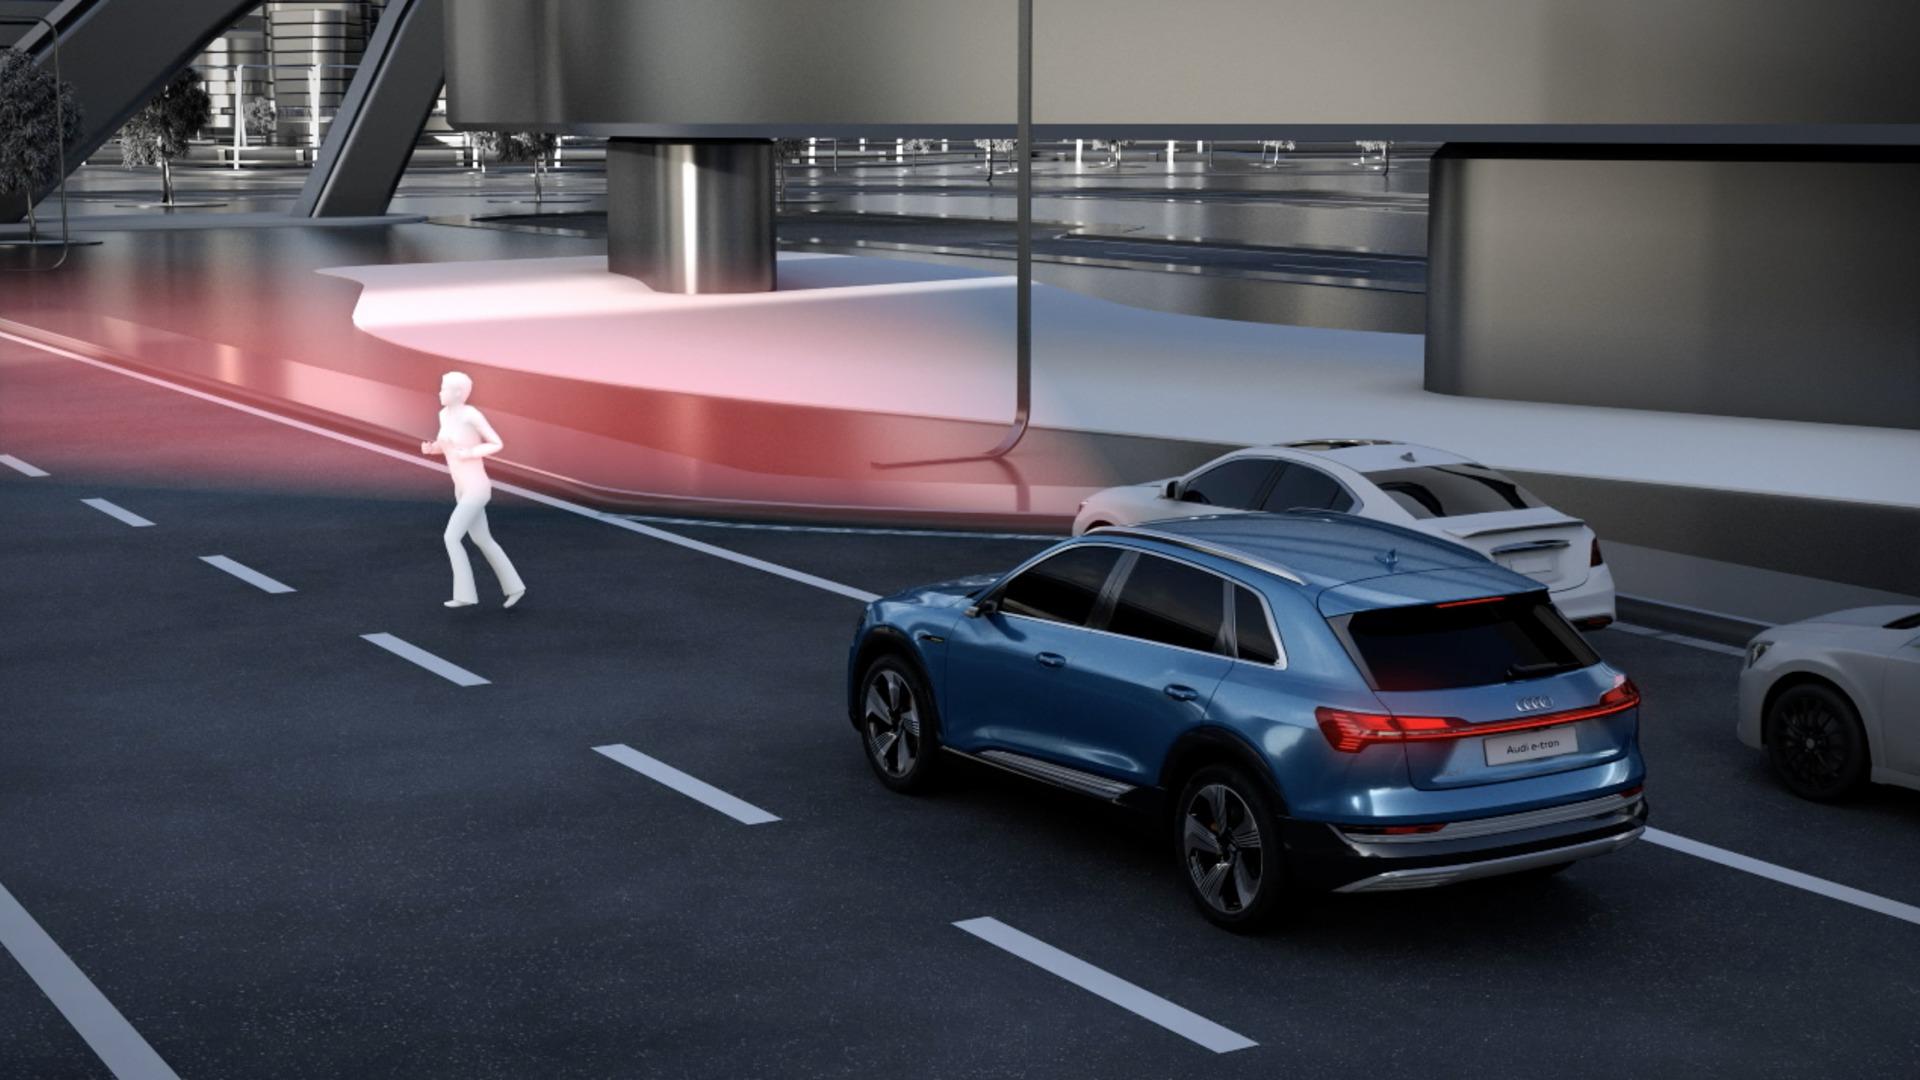 Integriertes Bremsregelsystem des Audi e-tron (Animation)